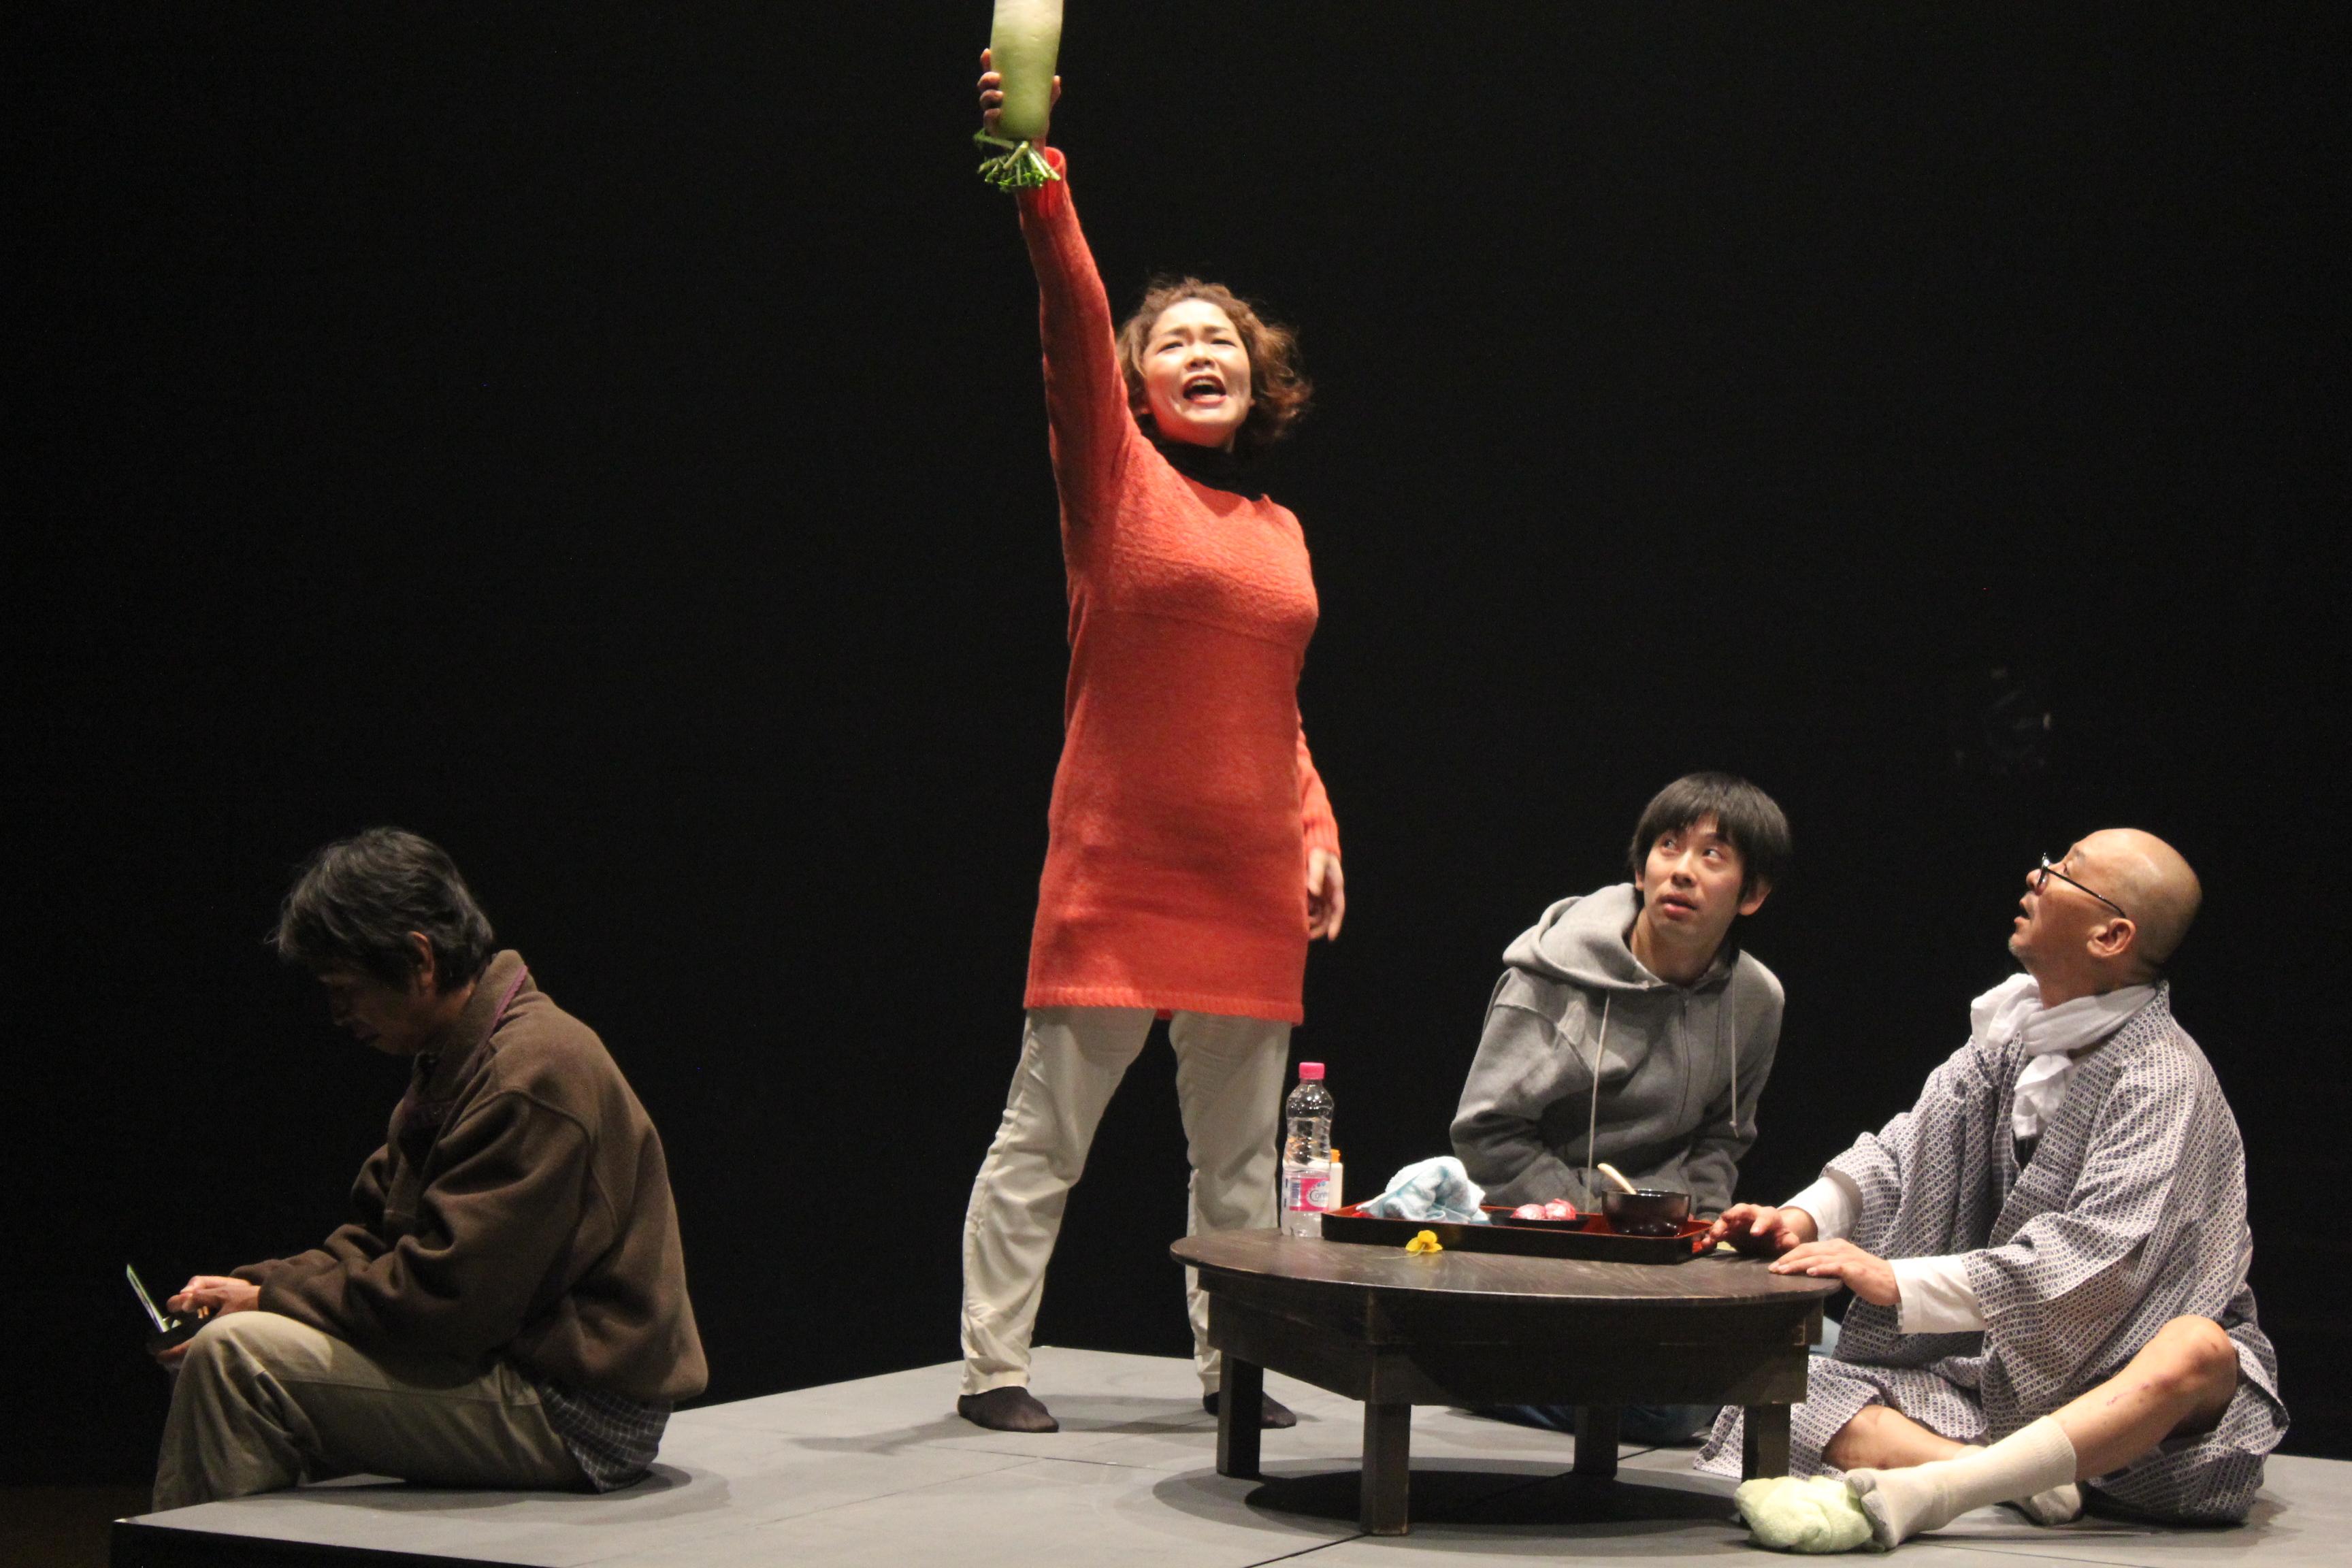 2017年2月 オレンヂスタ第七回公演『いかものぐるい』02